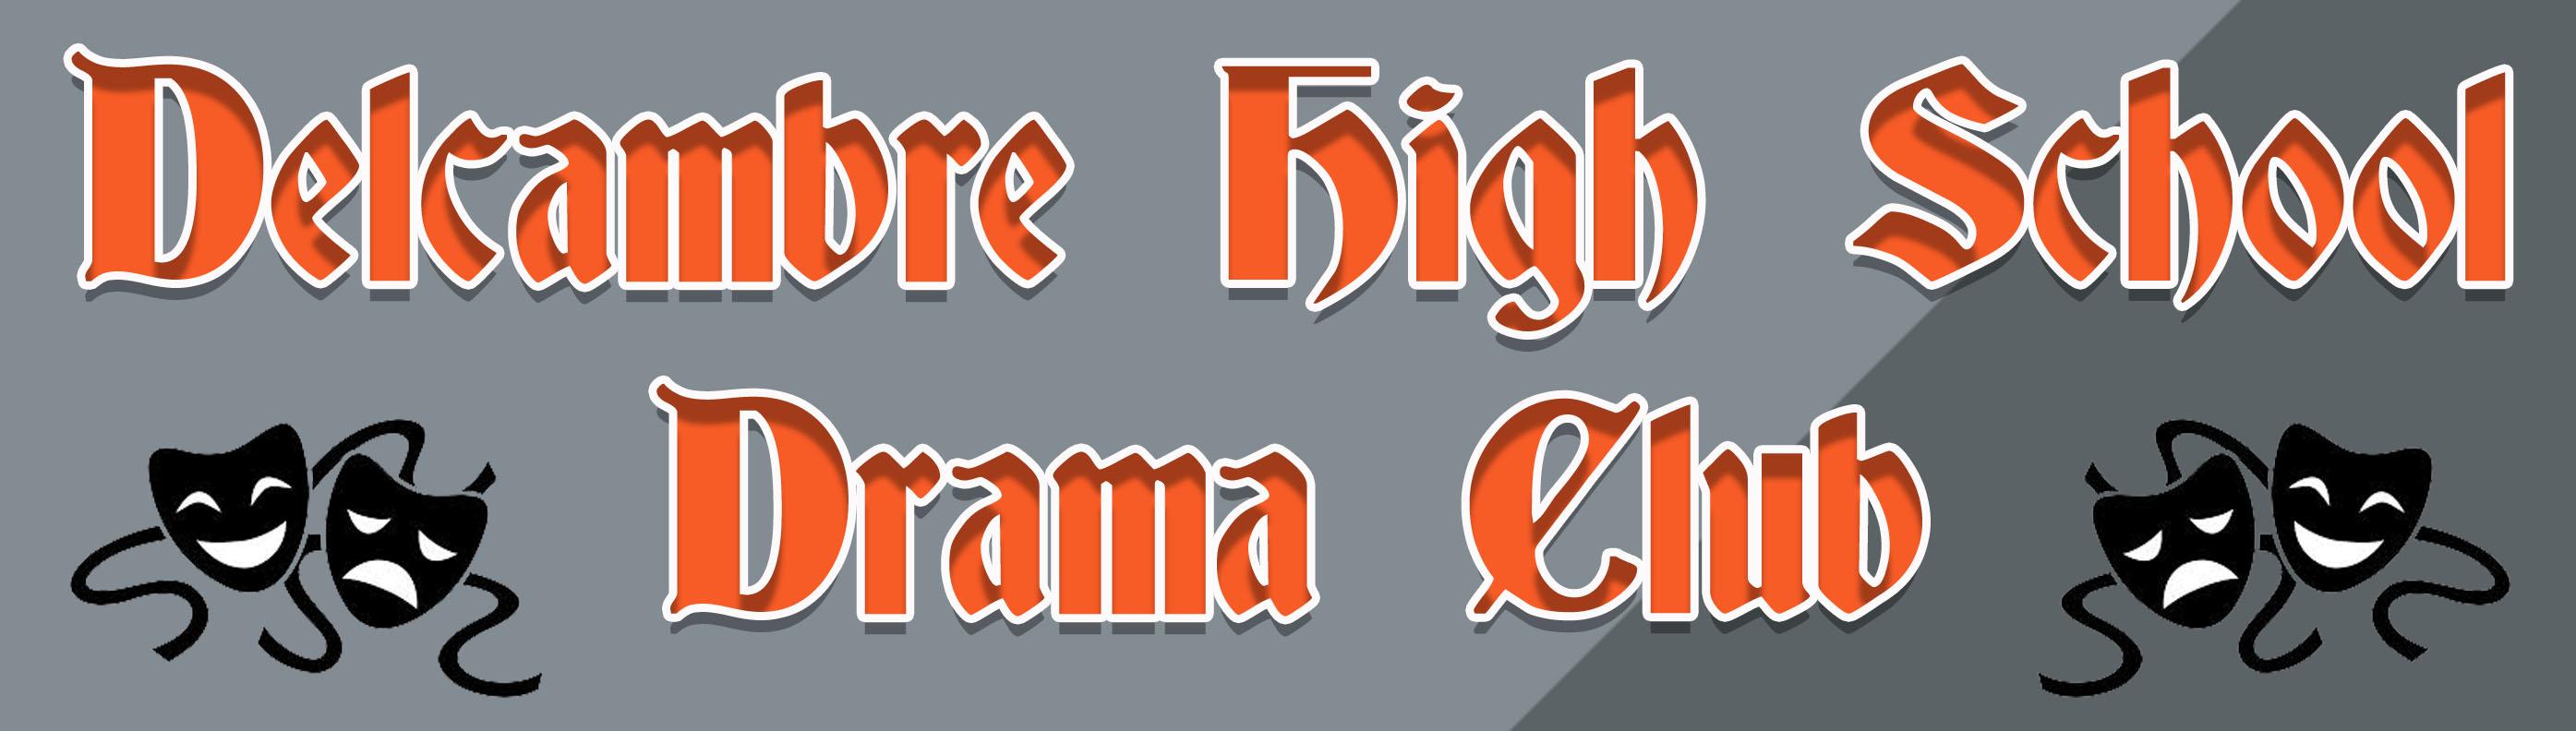 Drama Club Banner